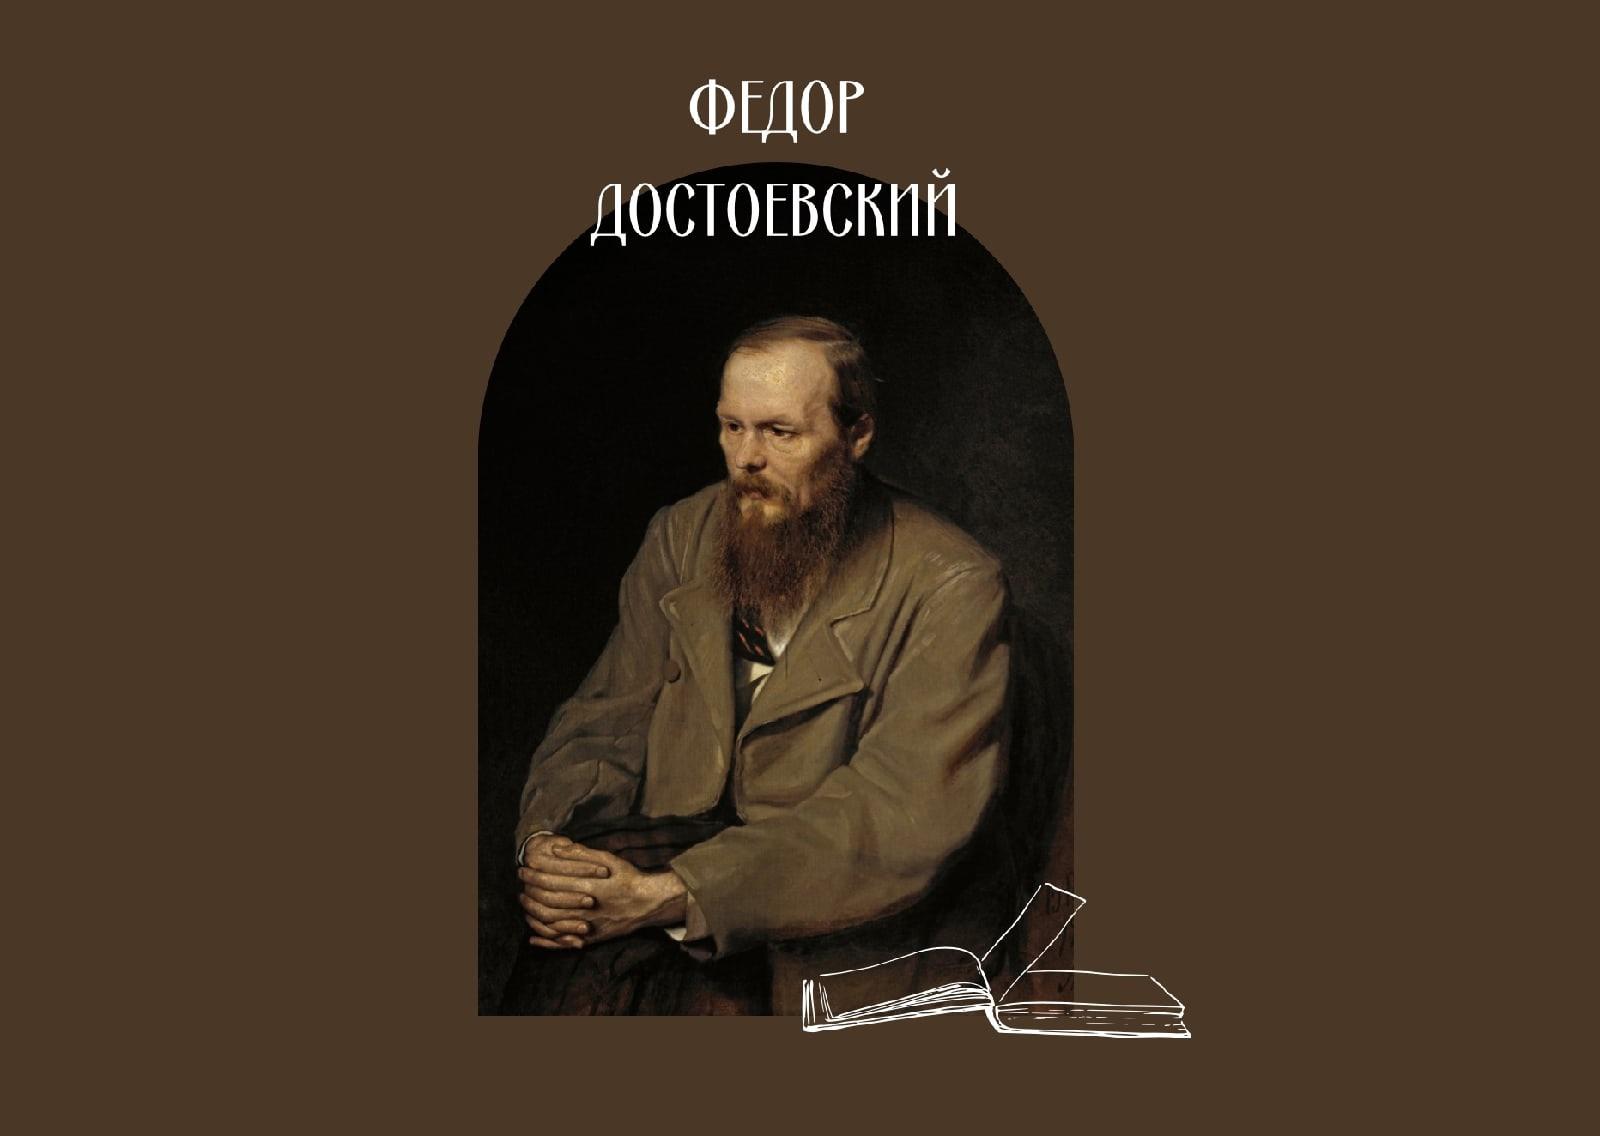 Студенты СЗИУ РАНХиГС готовятся отметить 200-летие великого писателя Федора Достоевского.